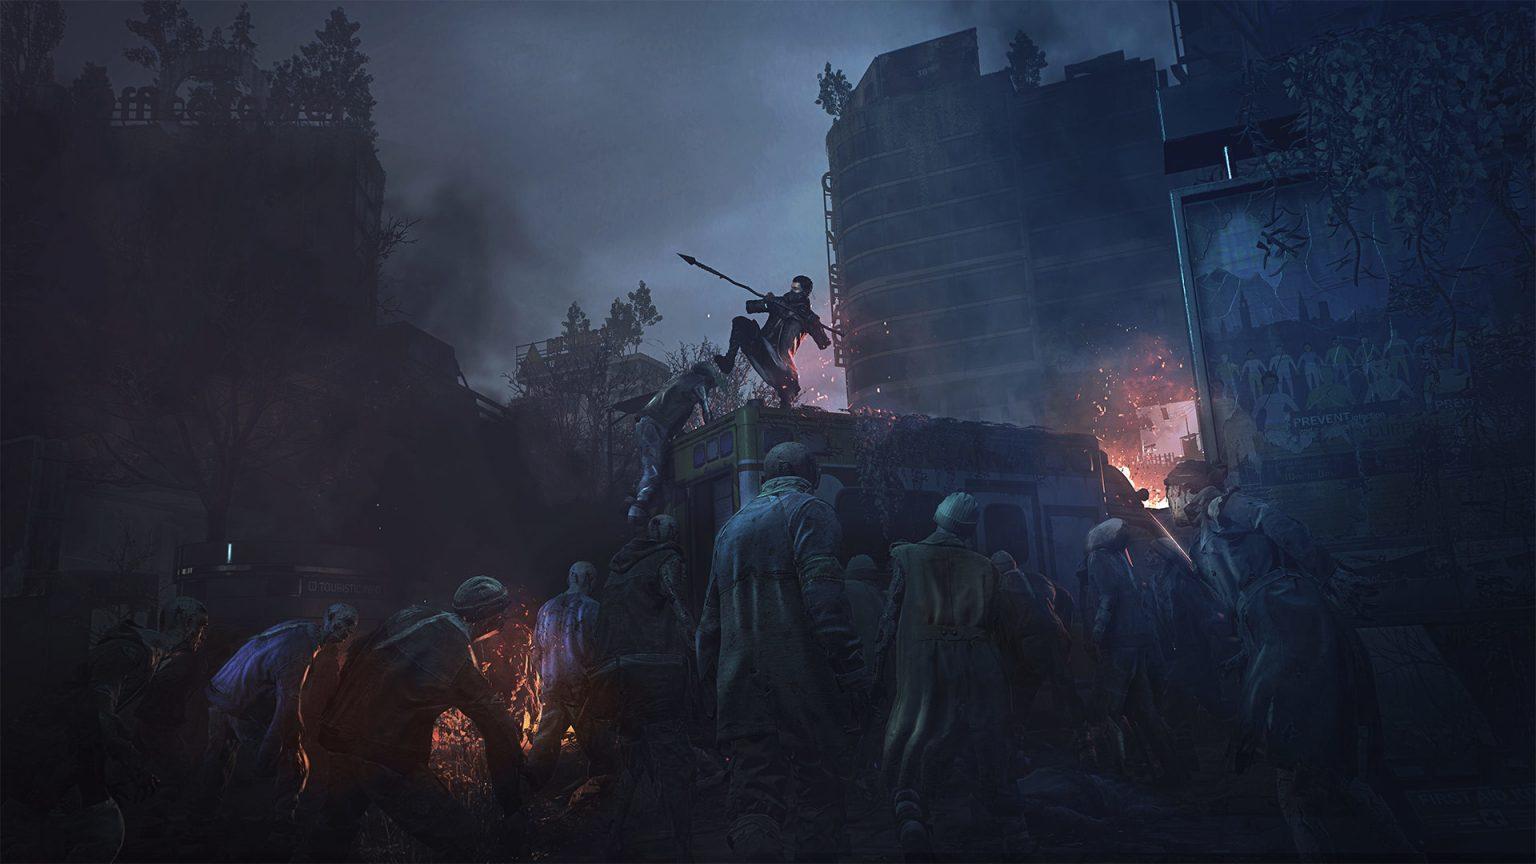 تریلر جدیدی از بازی Dying Light 2 Stay Human منتشر شد